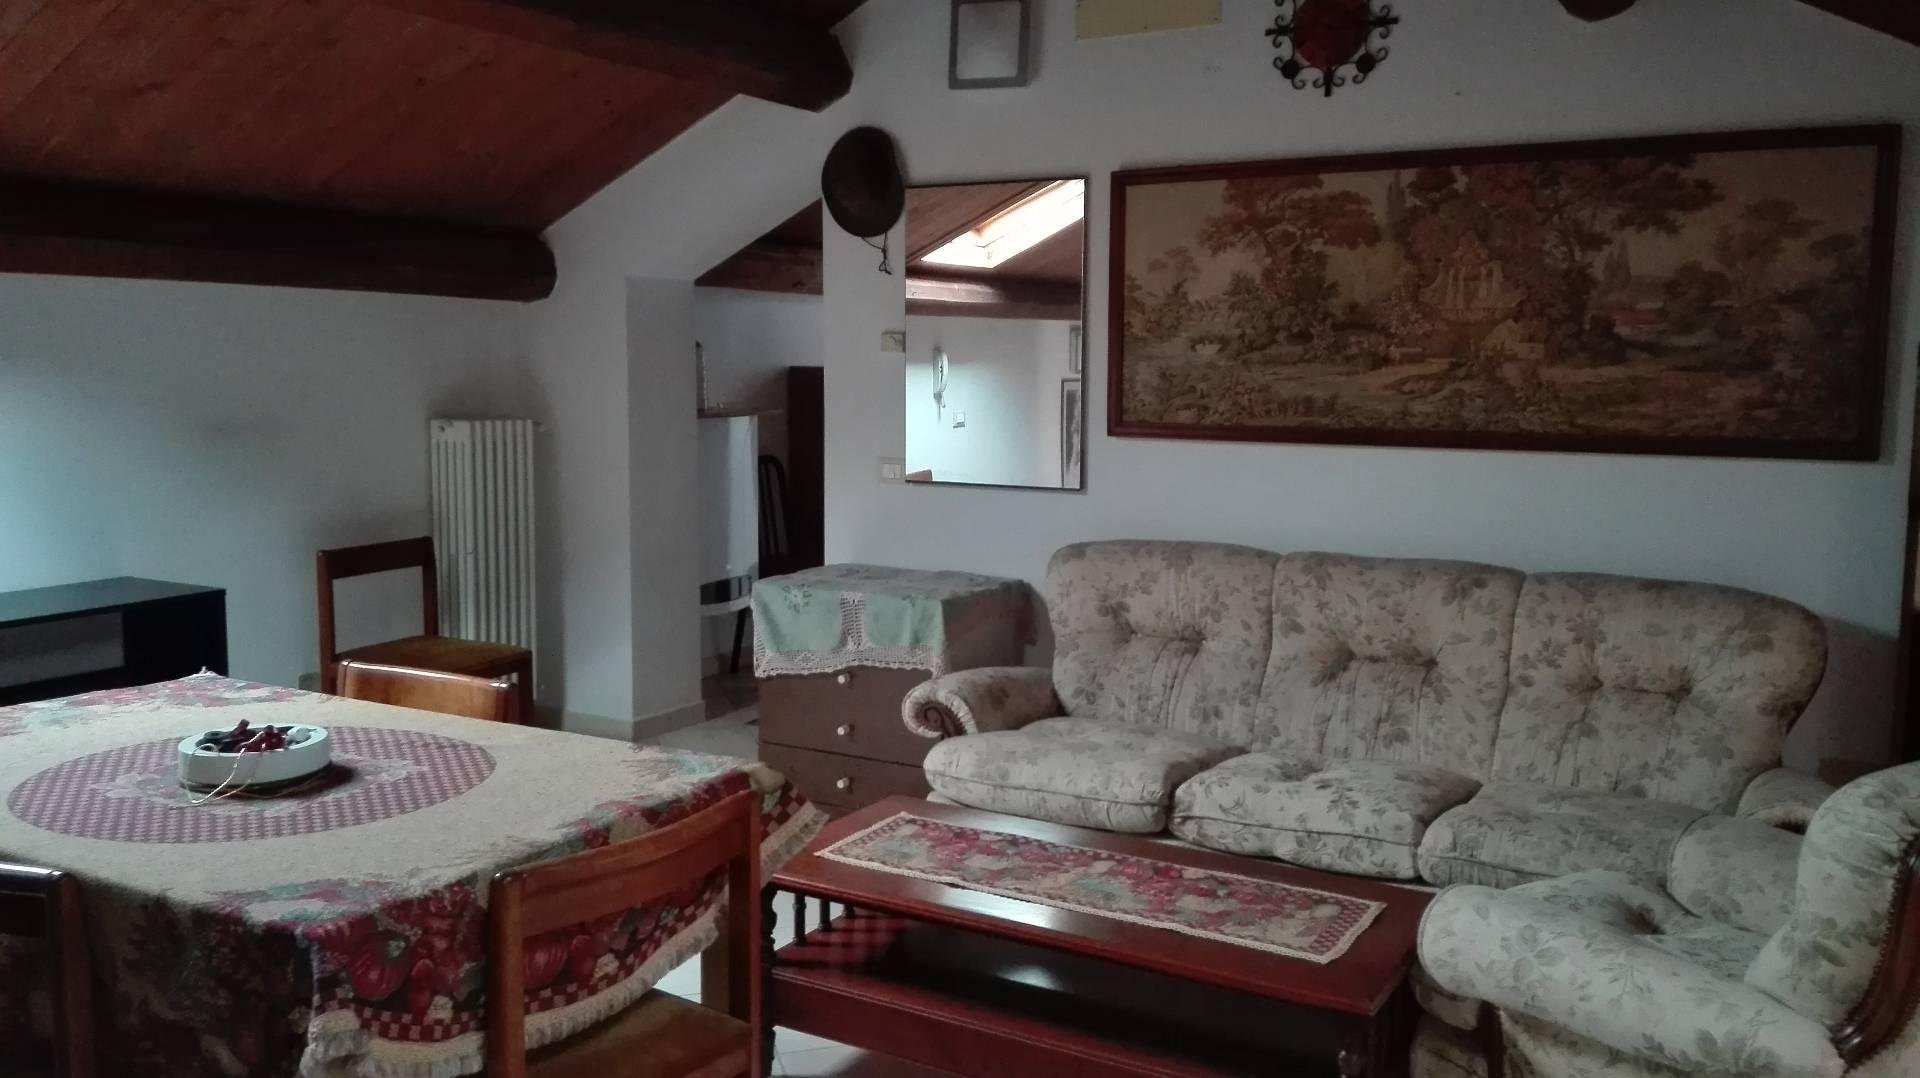 Appartamento in affitto a Bagnacavallo, 3 locali, zona Zona: Glorie, prezzo € 80.000 | CambioCasa.it